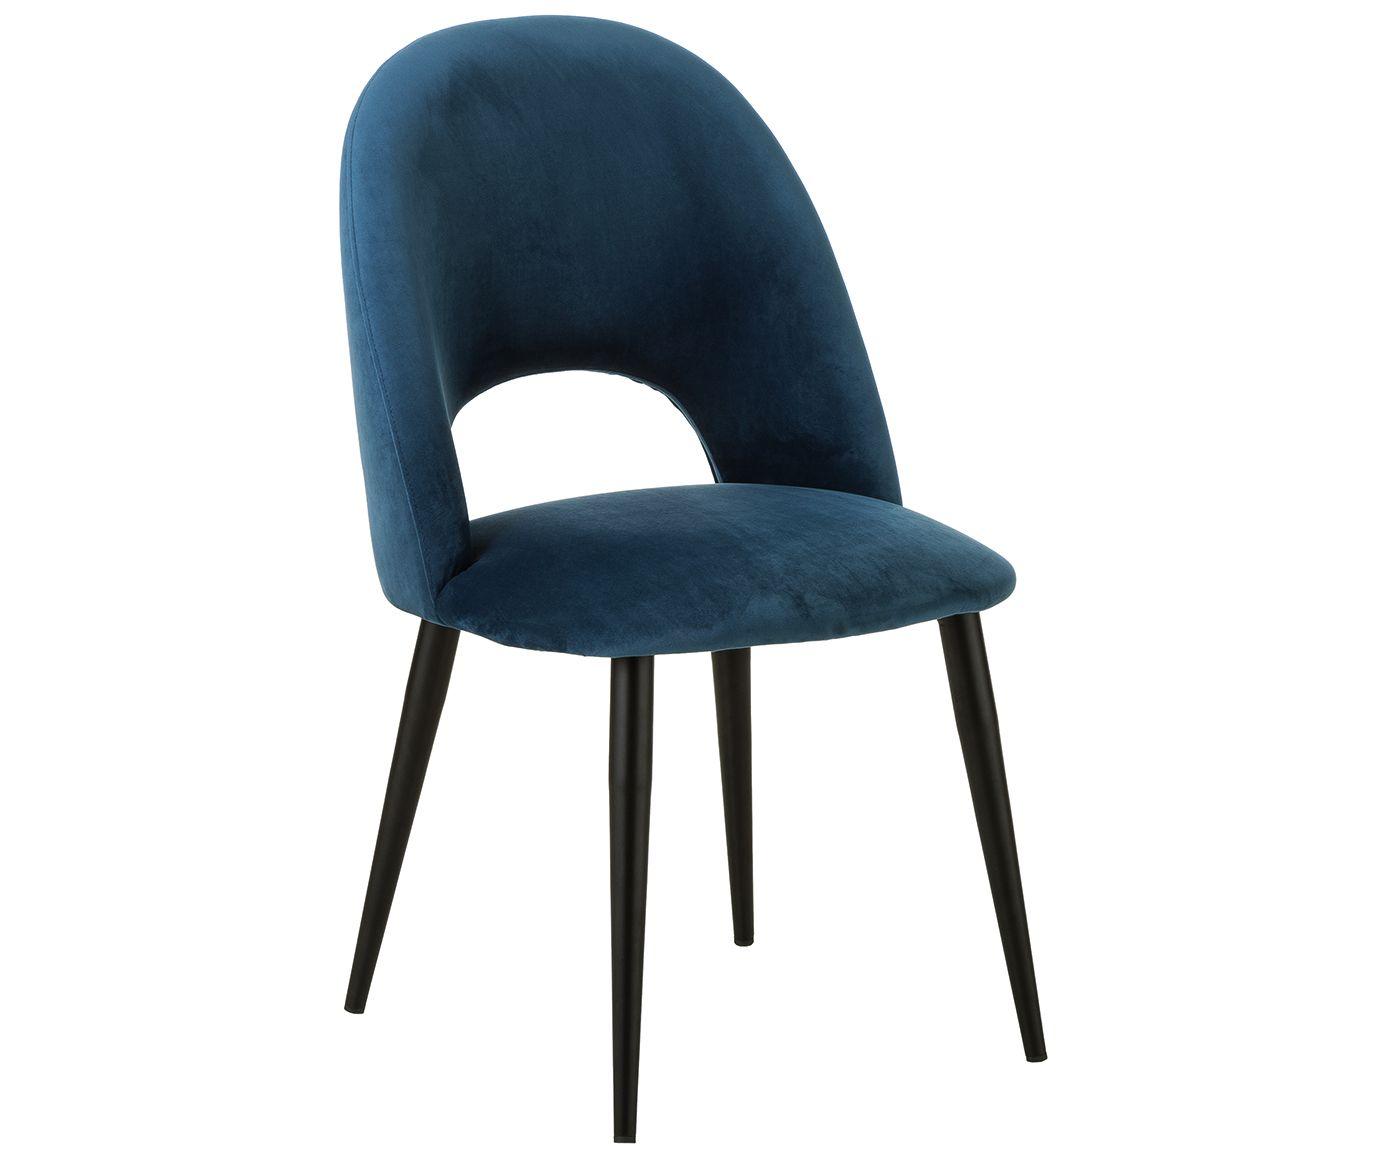 Sedia Imbottita Design : Sedia imbottita in velluto rachel interior design pinterest